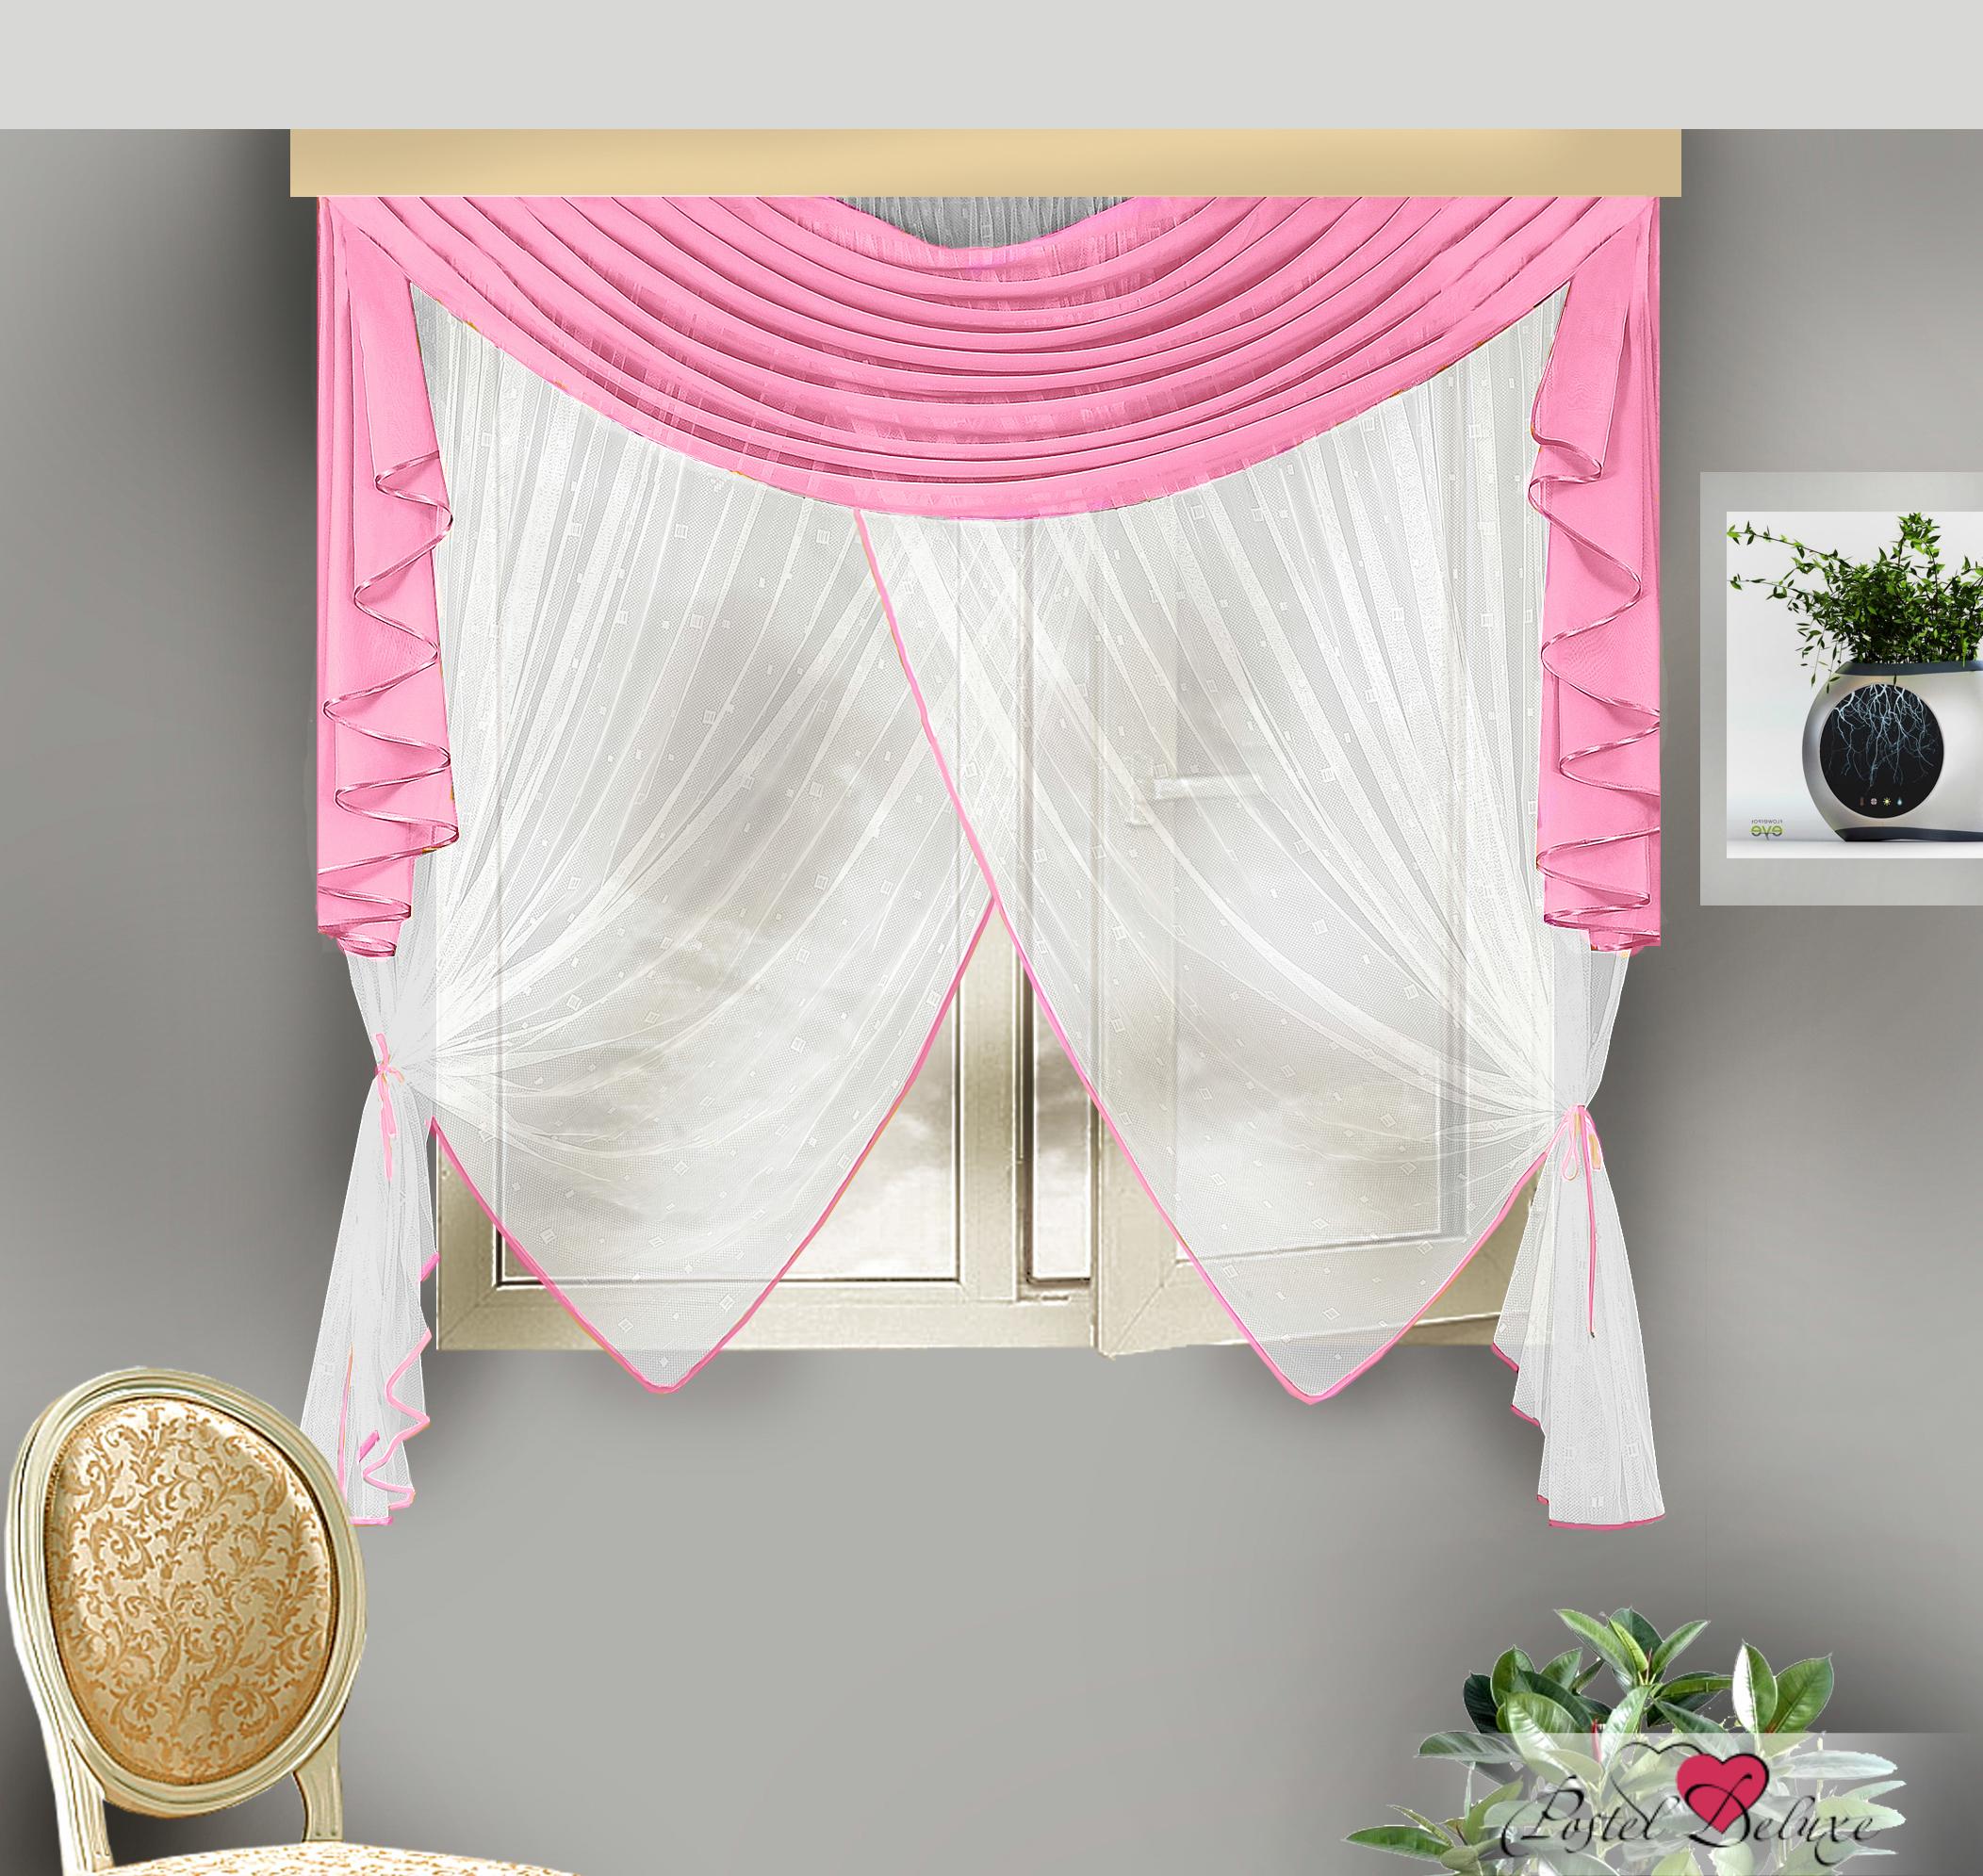 Купить Шторы Zlata Korunka, Скрещенные шторы Ayeesha, Россия, Белый, Розовый, Вуаль